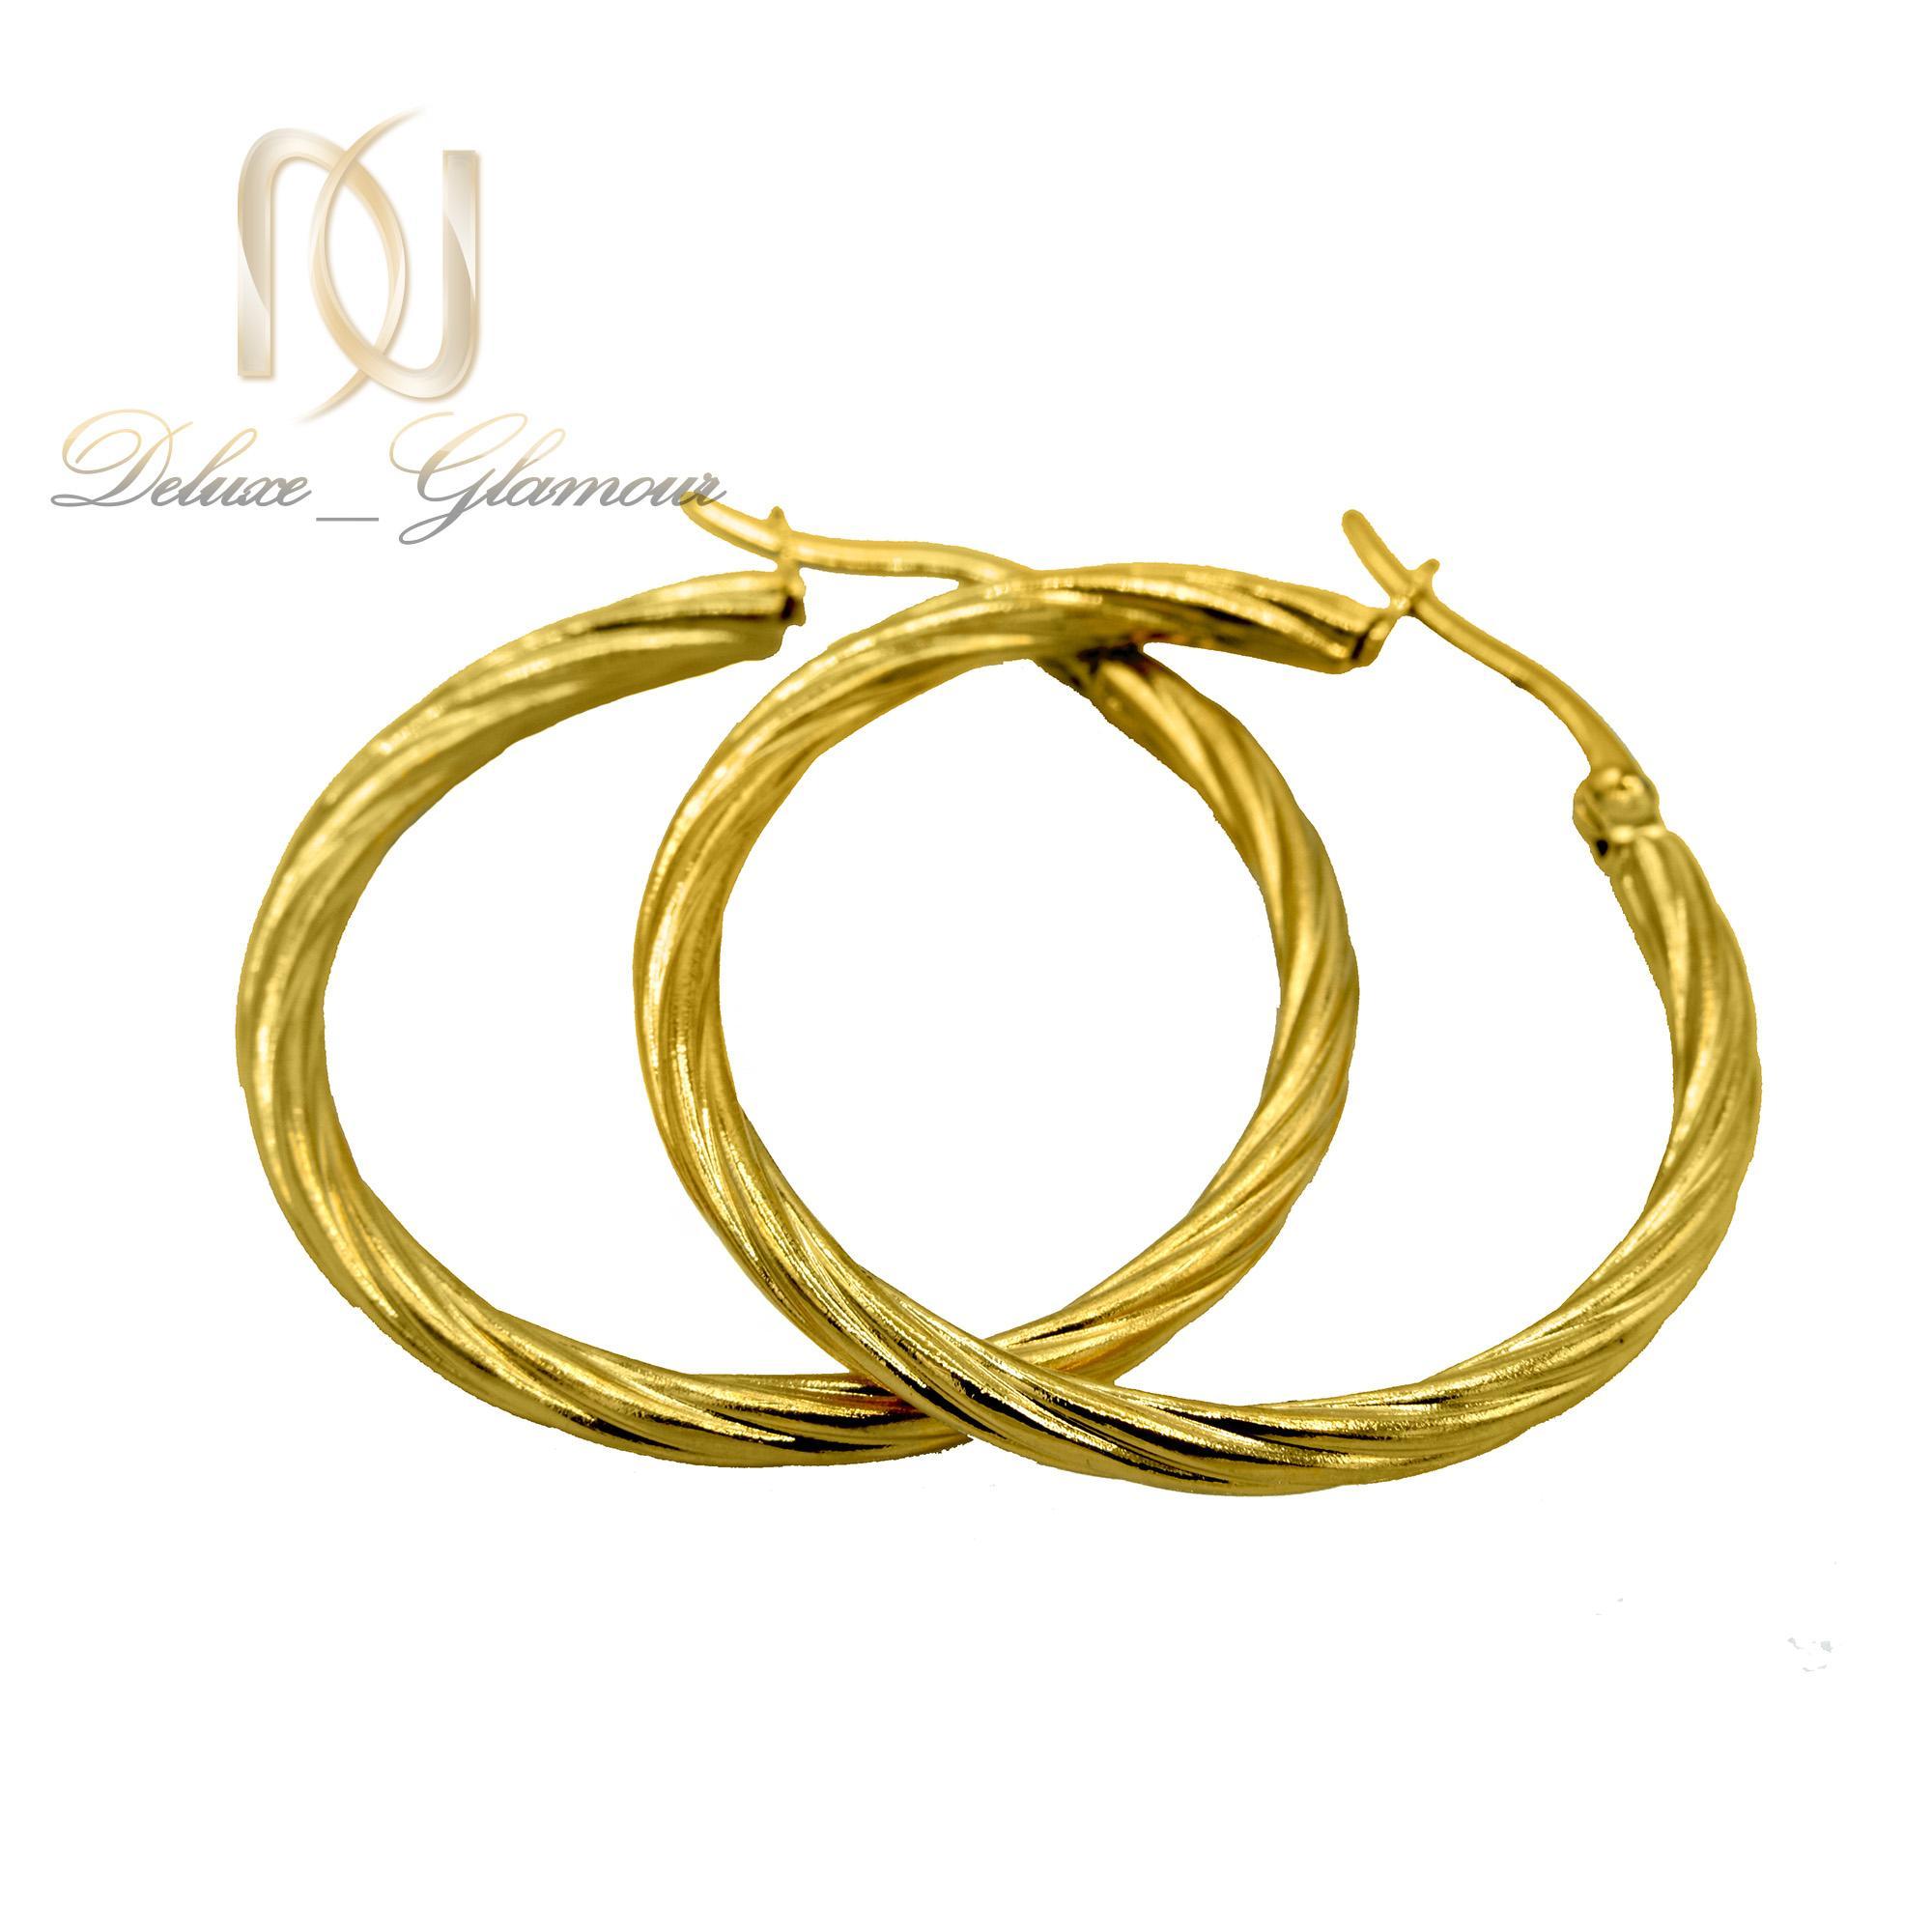 گوشواره زنانه حلقه ای استیل طلایی er-n176 از نمای سفید